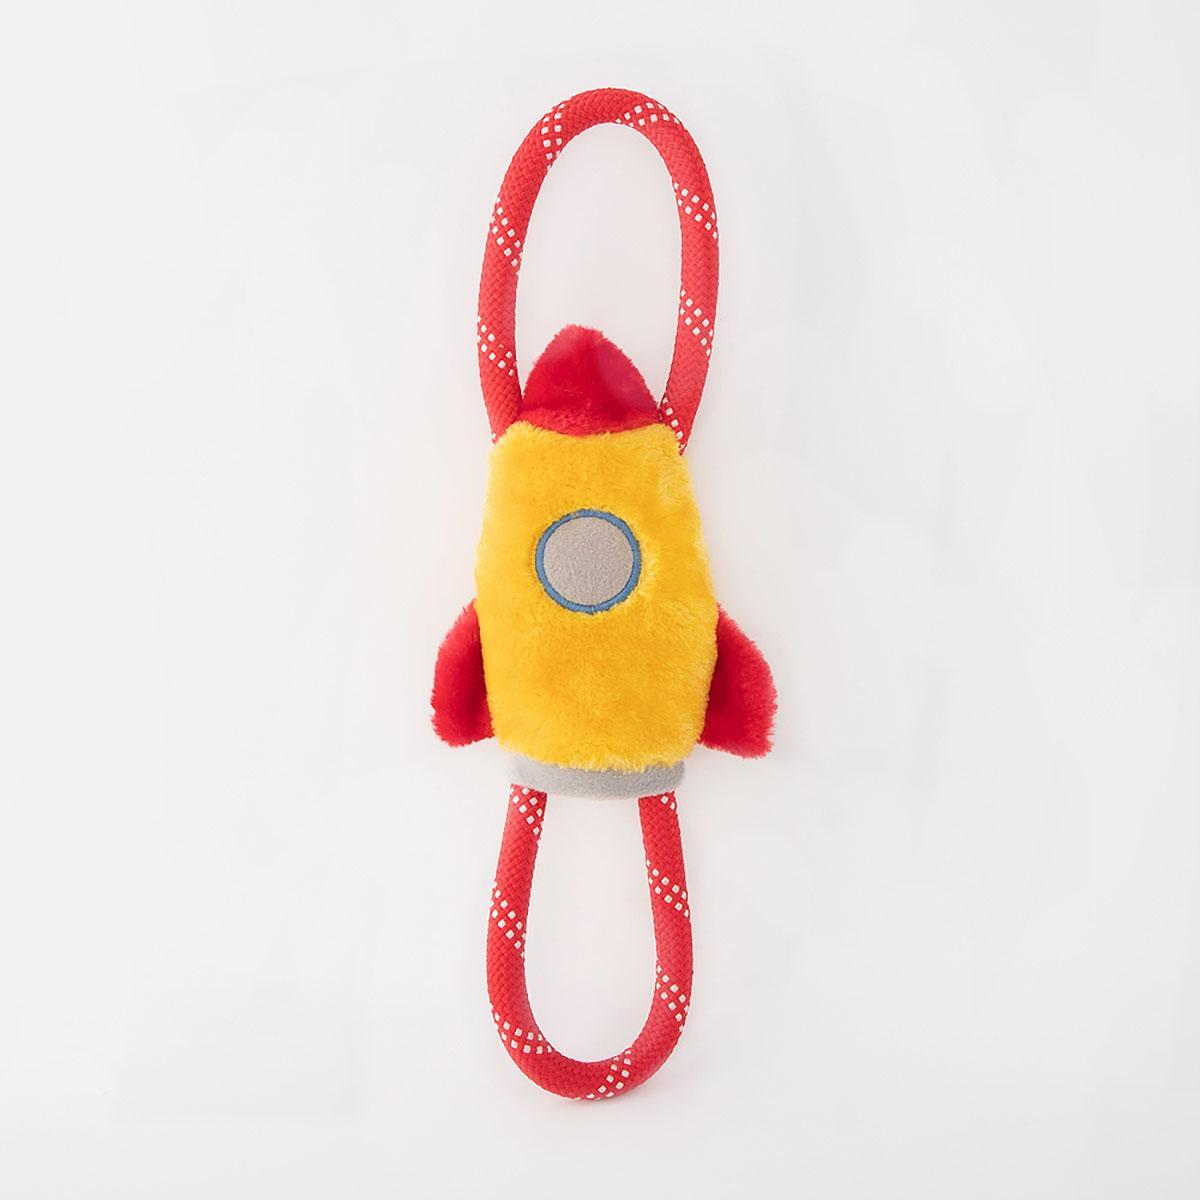 ZippyPaws RopeTugz® Dog Toy - Spaceship